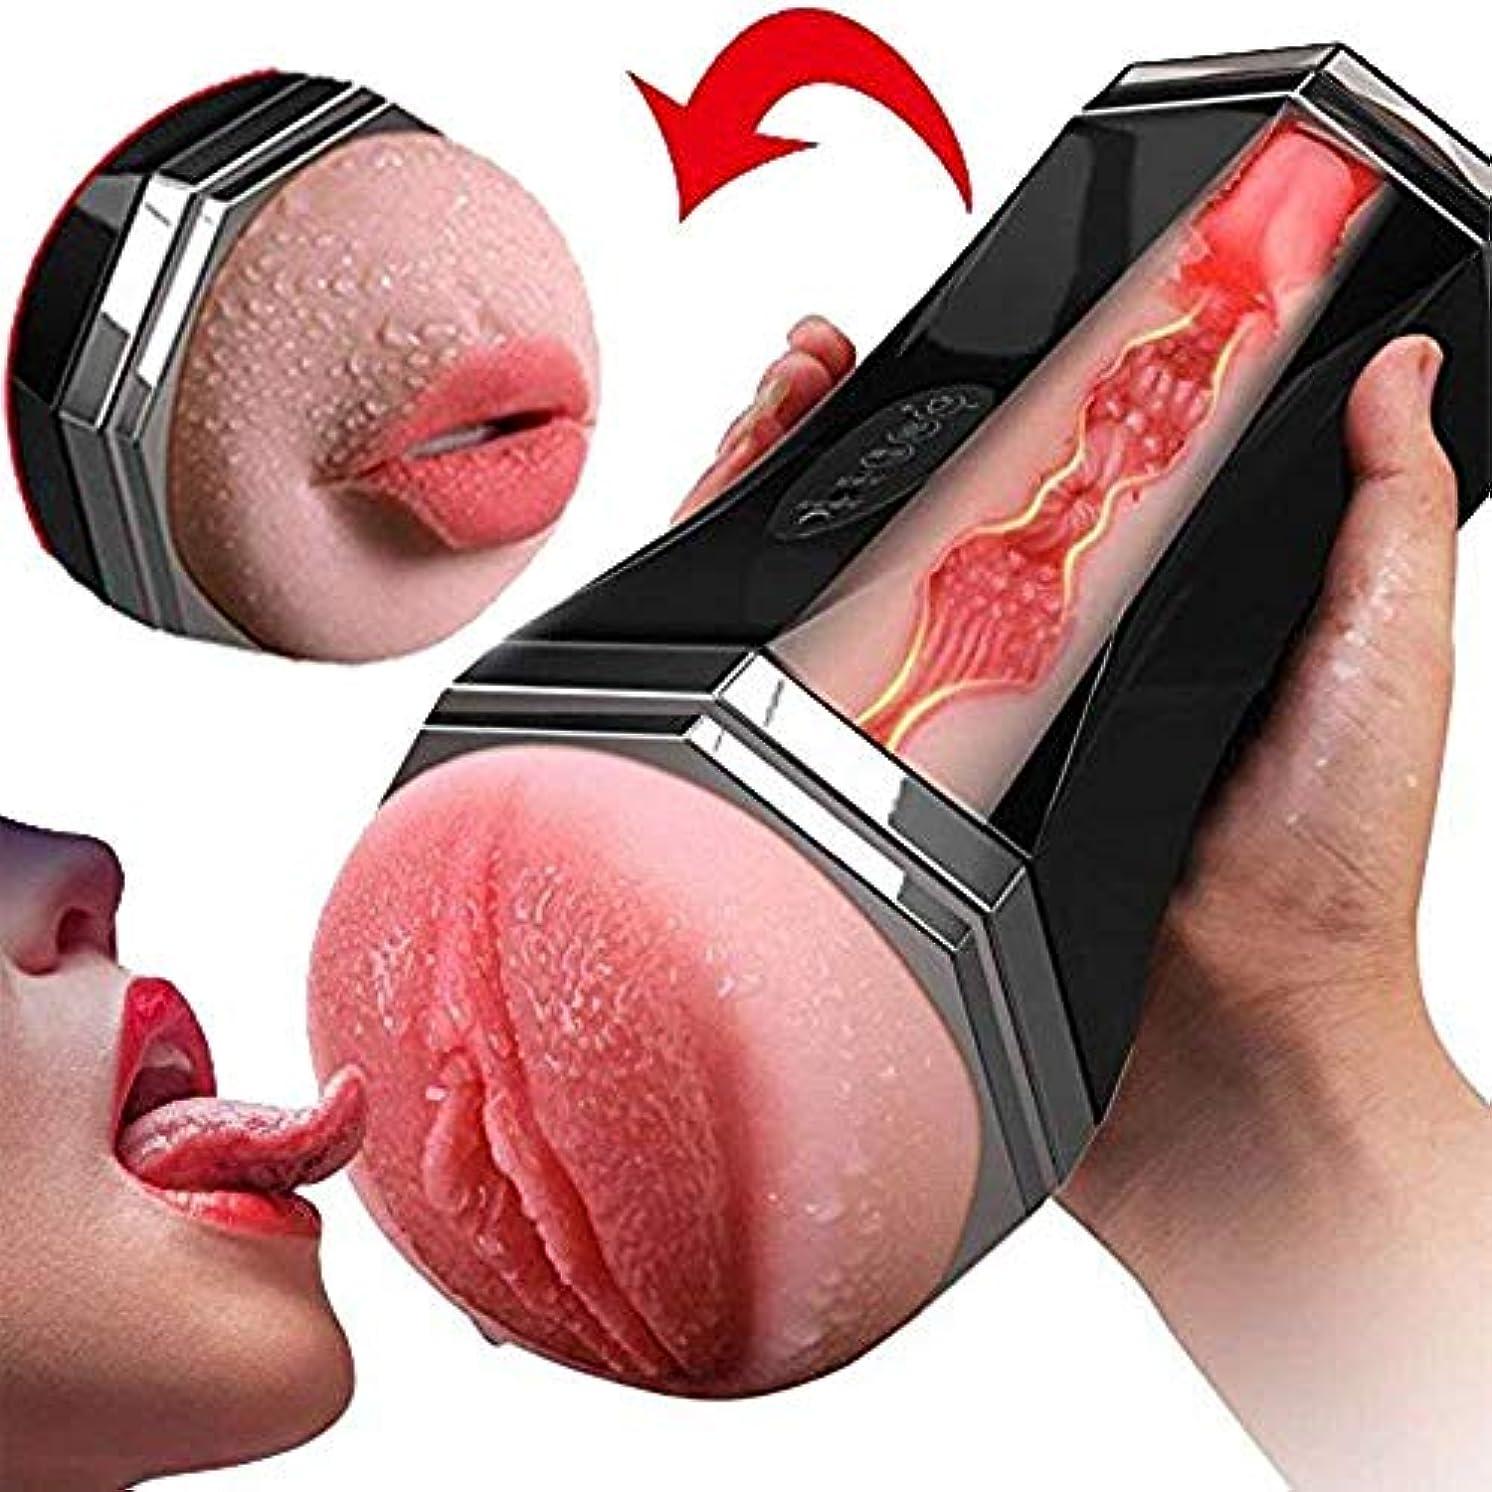 座る音声唇Wpcwl 双頭2イン1リラクゼーションカップ男性マッサージ吸い男刺激玩具男のカップルを吸いトレーニングデバイスの遅延 (Color : -, Size : -)